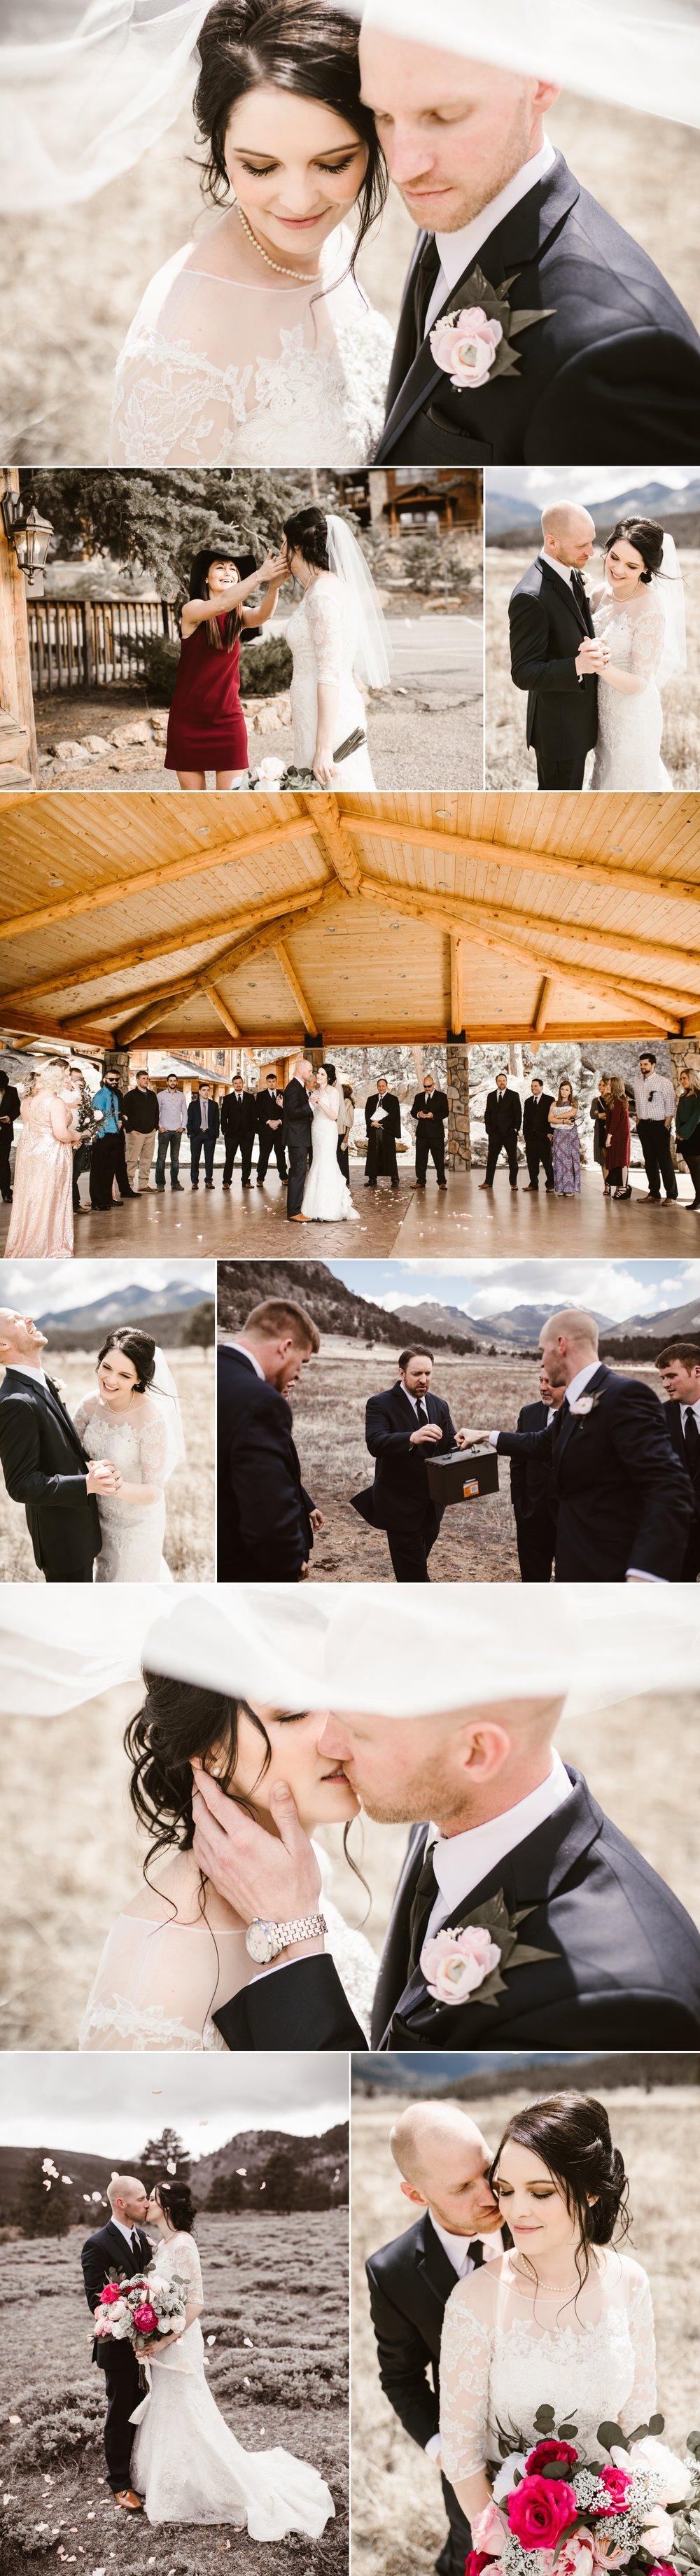 The Huwe Wedding 2.jpg